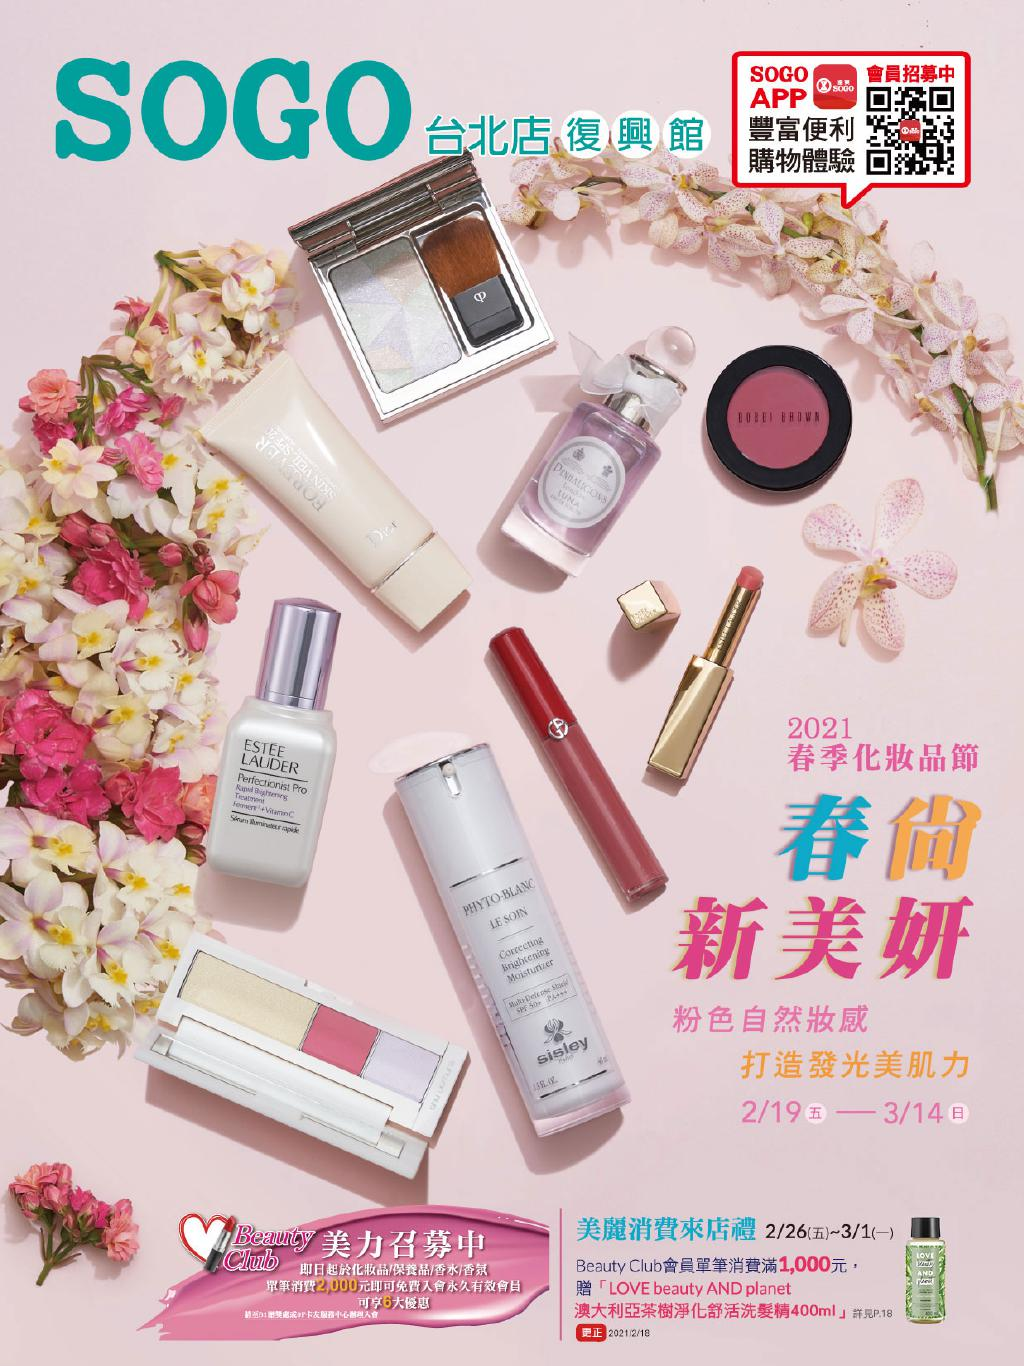 SOGO《台北復興館》「2021 春季化妝品節 春尚新美妍 粉色自然妝感 打造發光美肌力」【2021/3/14 止】